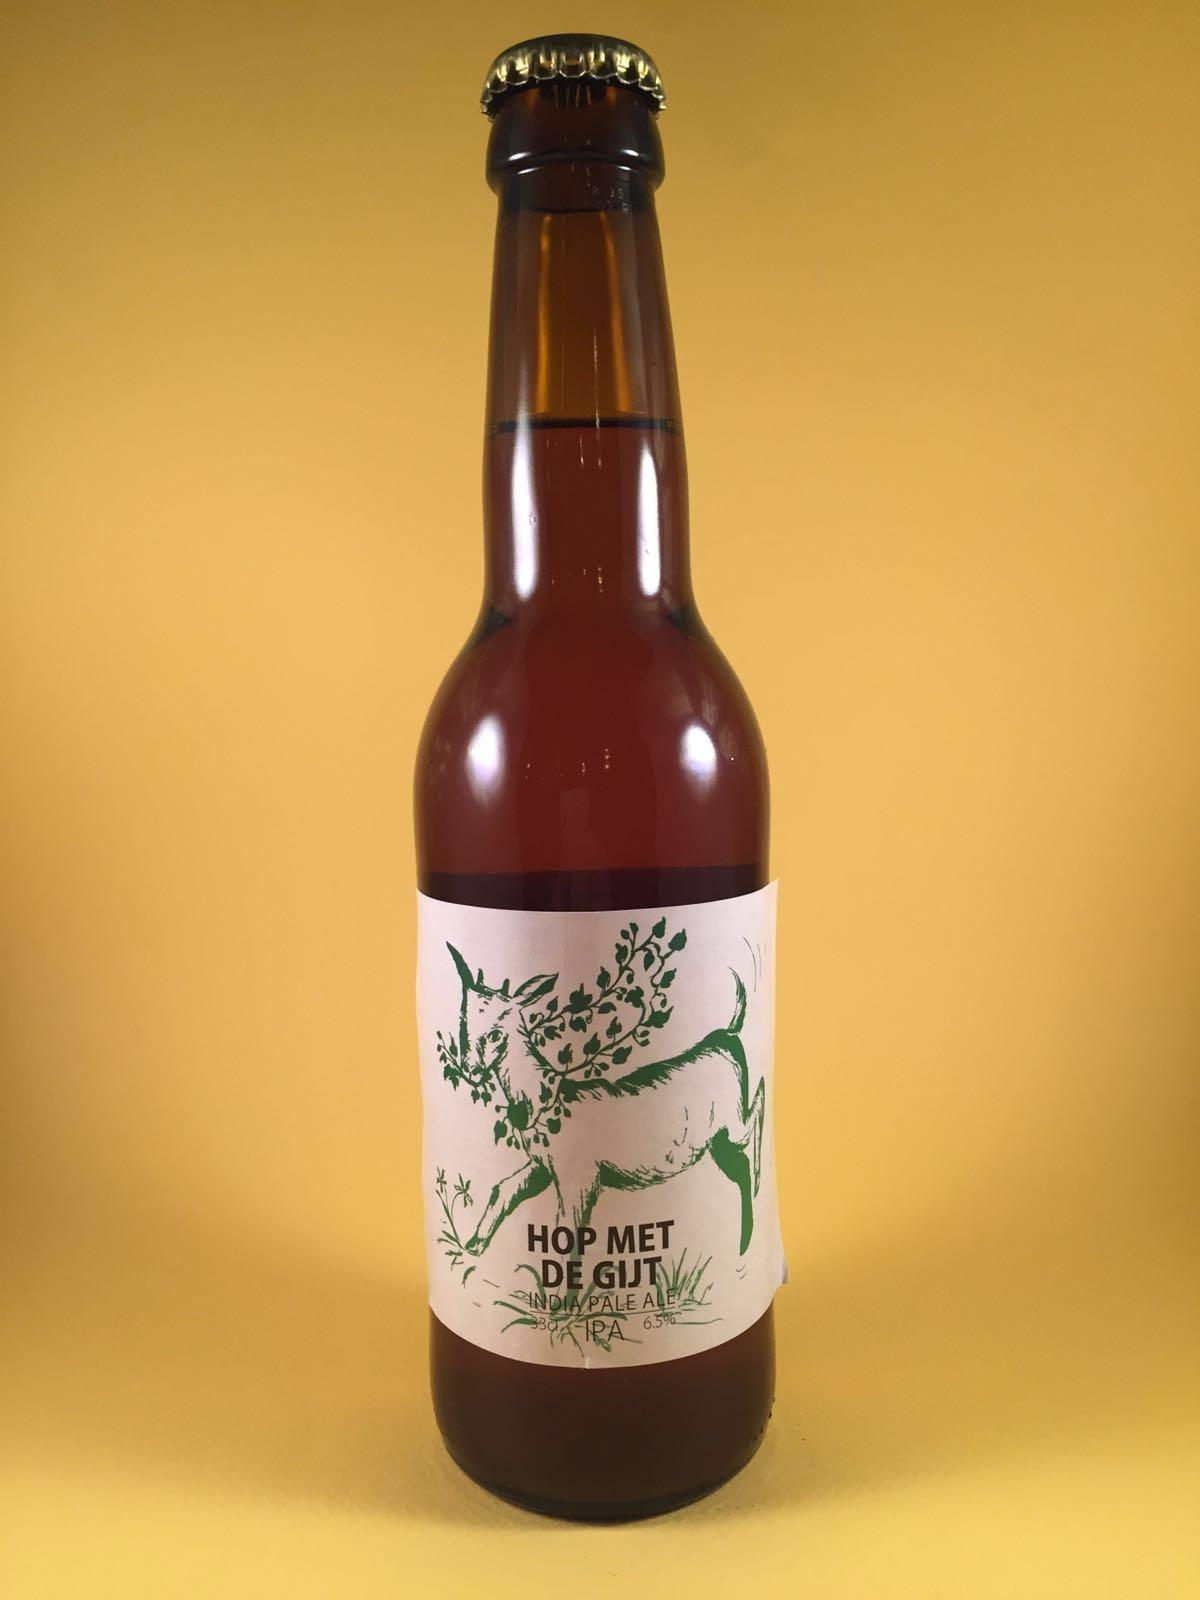 Hop met de gijt Herkomst: Weert, Nederland Dit Amberkleurig troebel IPA bier heeft geen hoge alcoholpercentage maar is wel verrassend vol van smaak. Dit bier heeft na het inschenken een vol hoppige schuimkraag en verrast na de eerste slok. In de smaak zijn tonen van citrus en boeket terug te vinden. Het bier heeft een alcoholpercentage van 6,5%. Advies serveertemperatuur: 8 graden